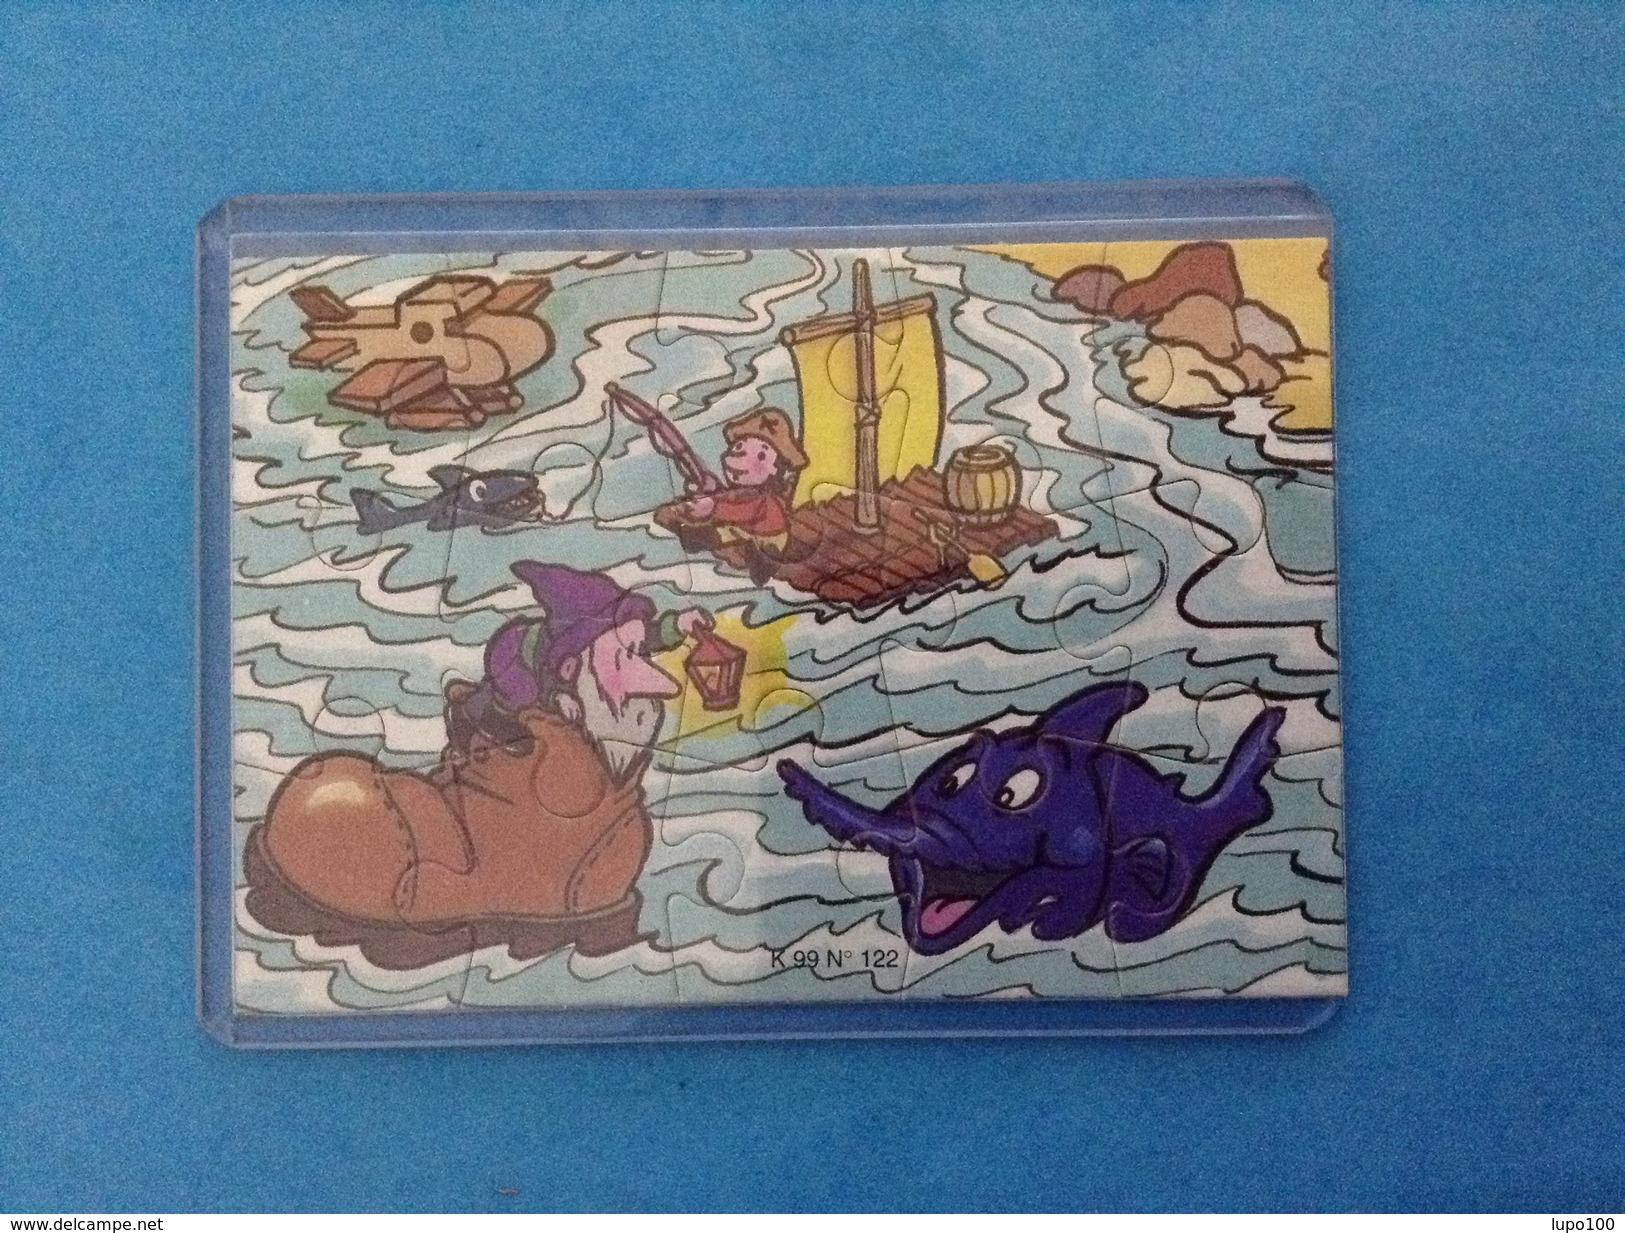 1999 FERRERO PUZZLE K99 N 122 - Puzzles